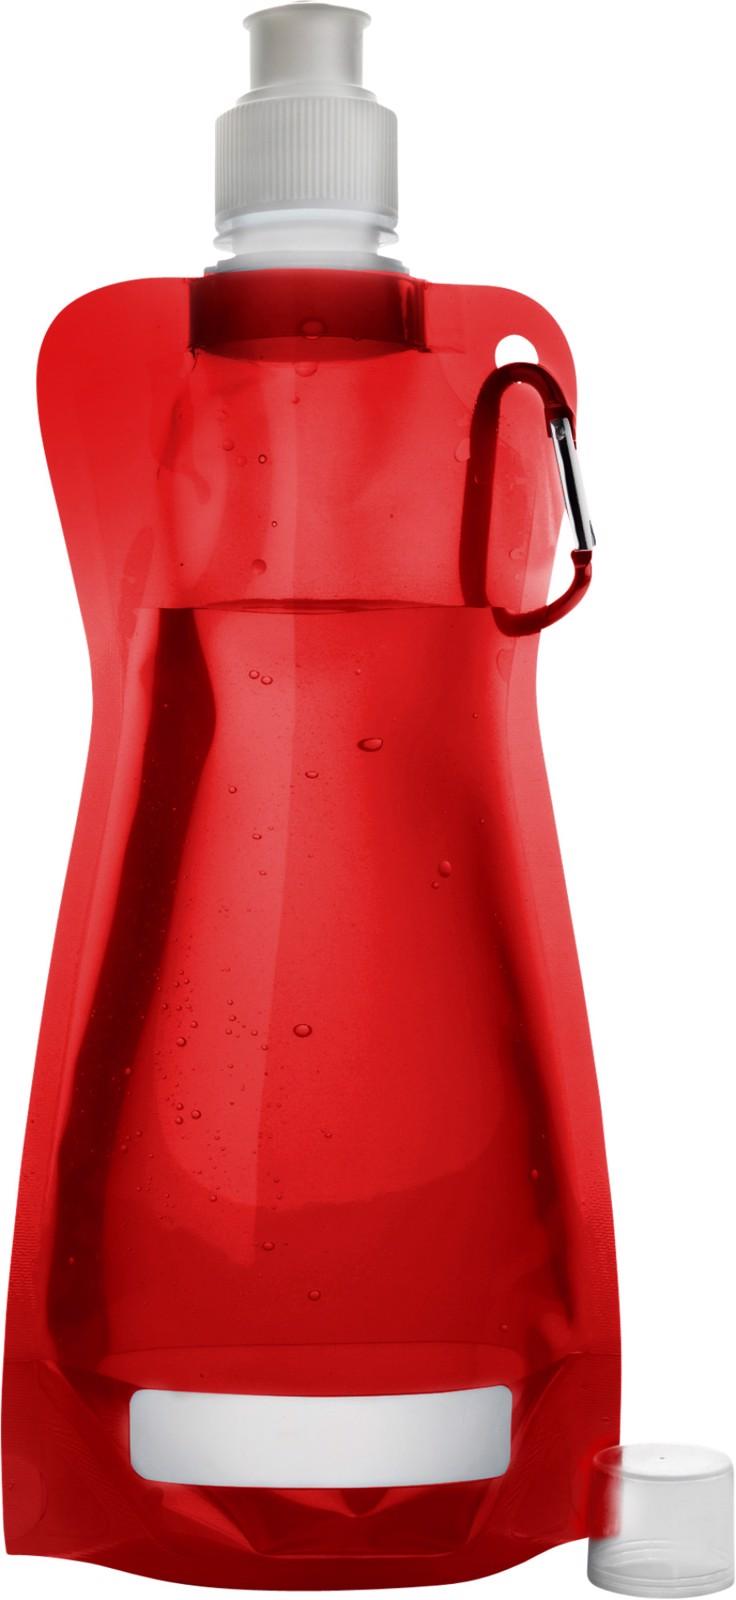 PP bottle - Red